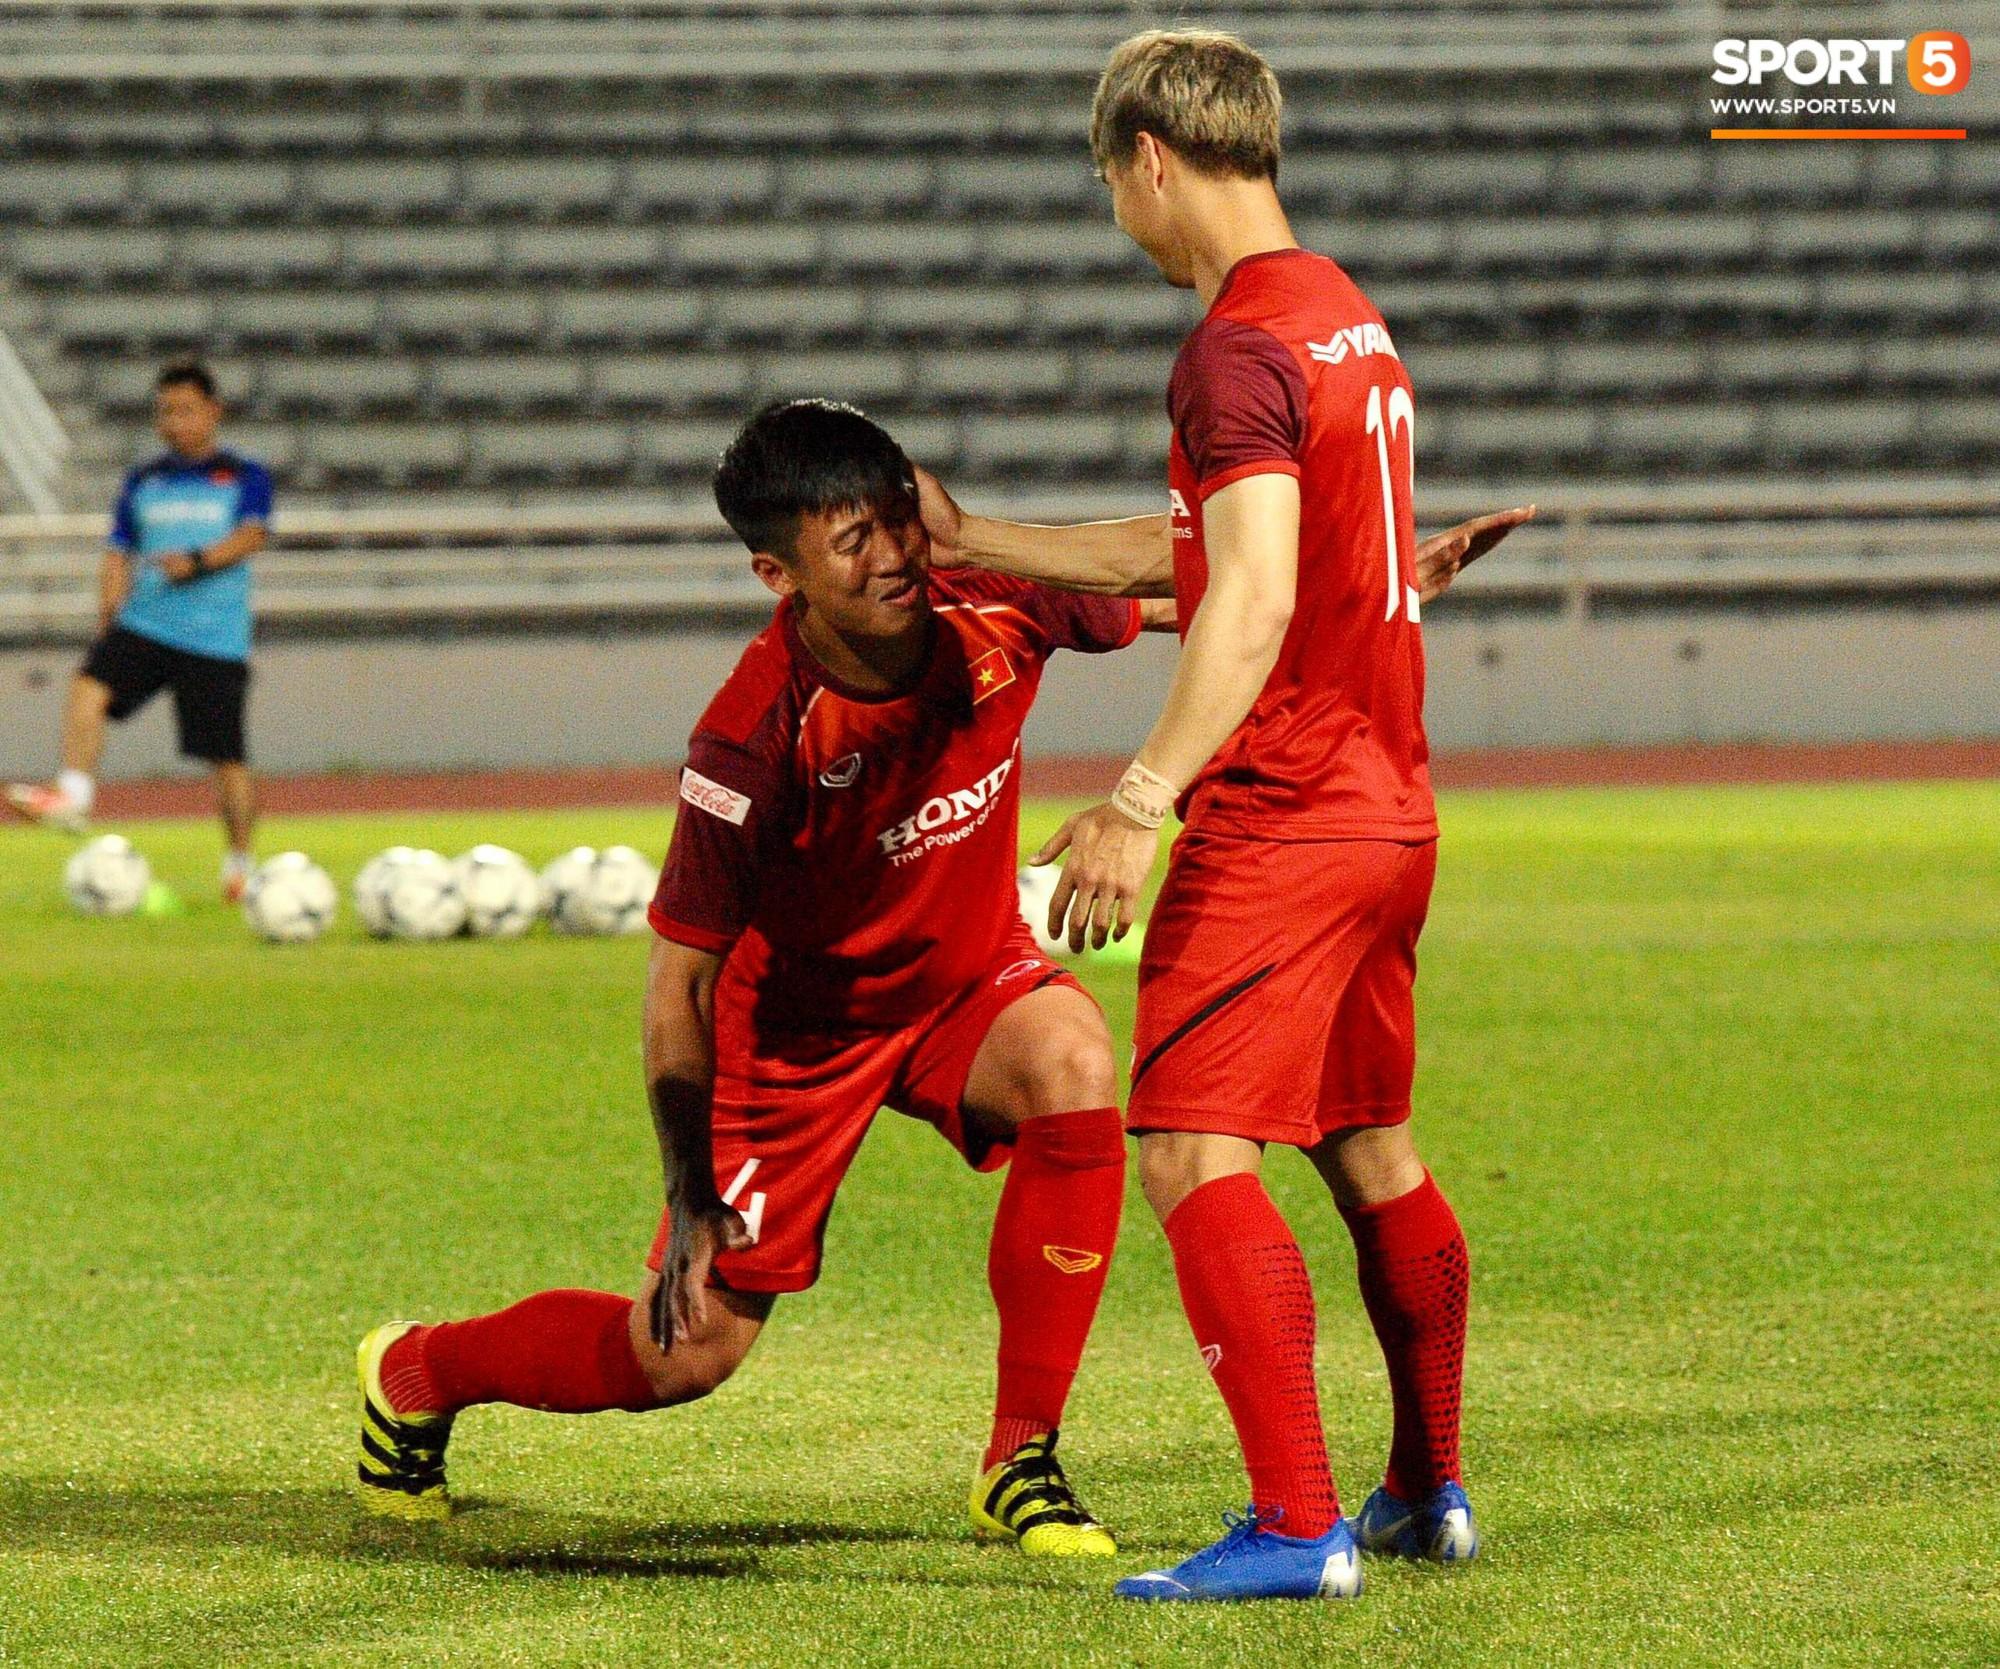 Xuân Trường táng Đức Huy không trượt phát nào trong buổi tập trước trận gặp Thái Lan - Ảnh 7.